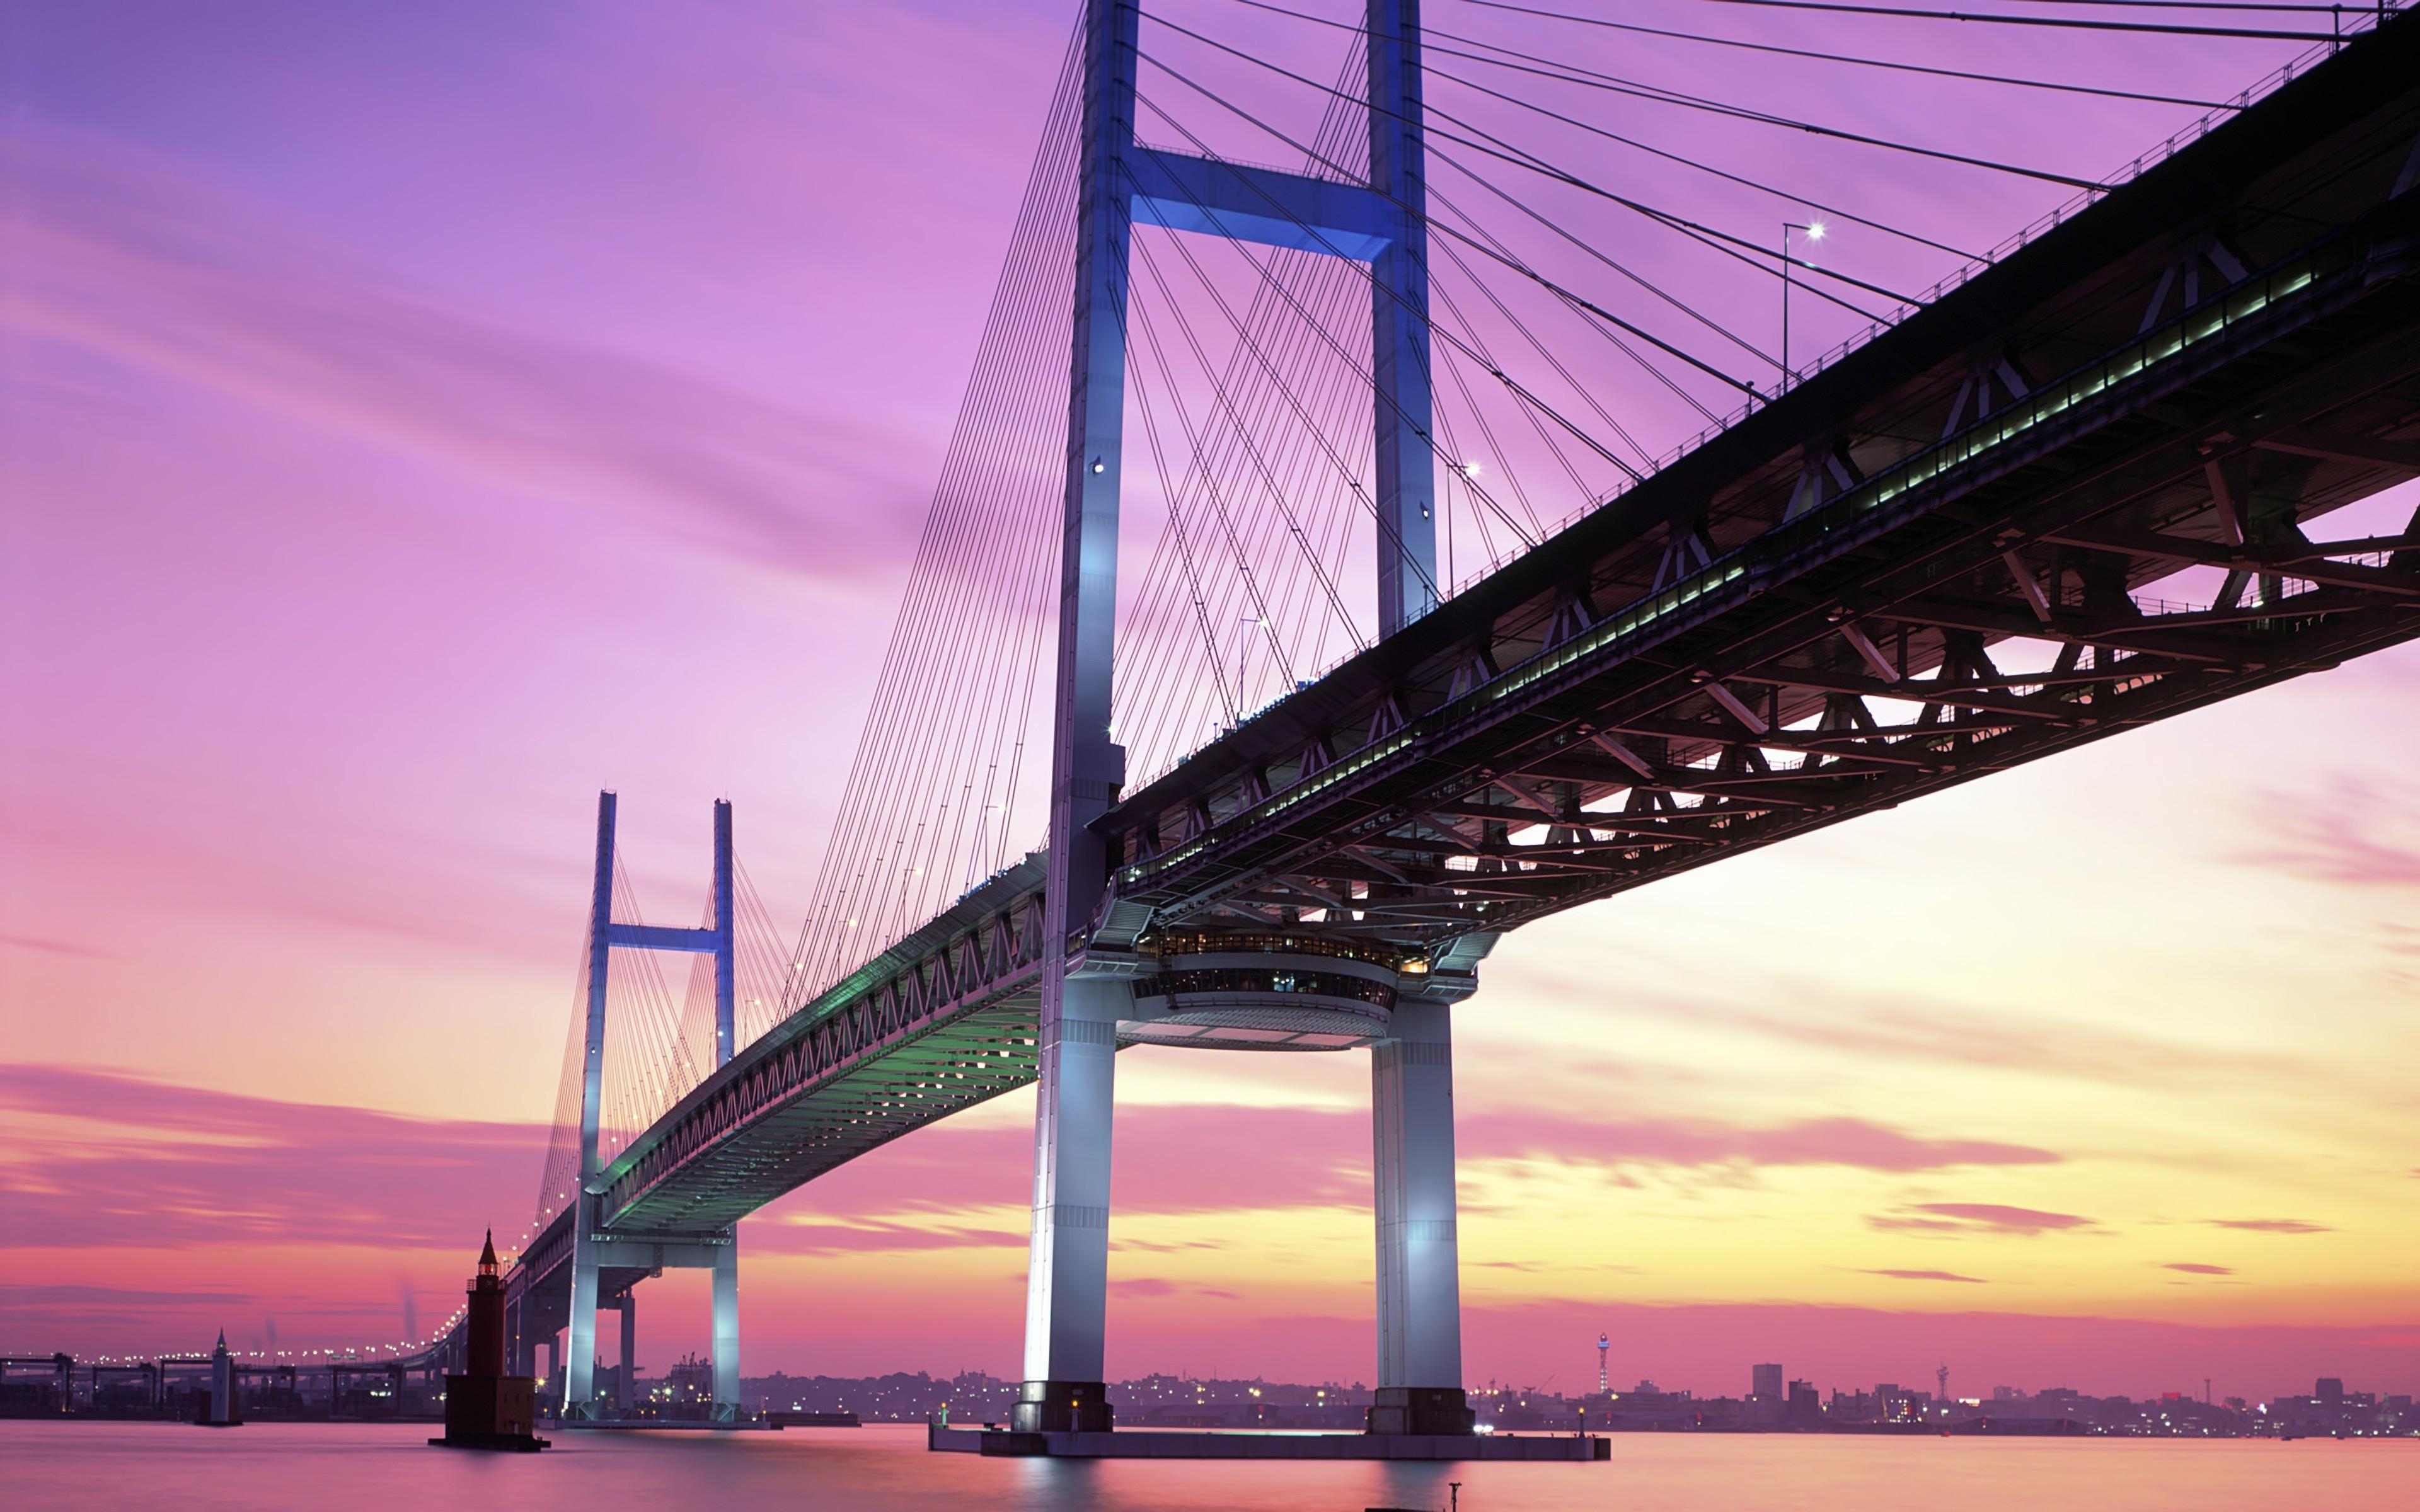 Puentes gigantes y largos - 3840x2400